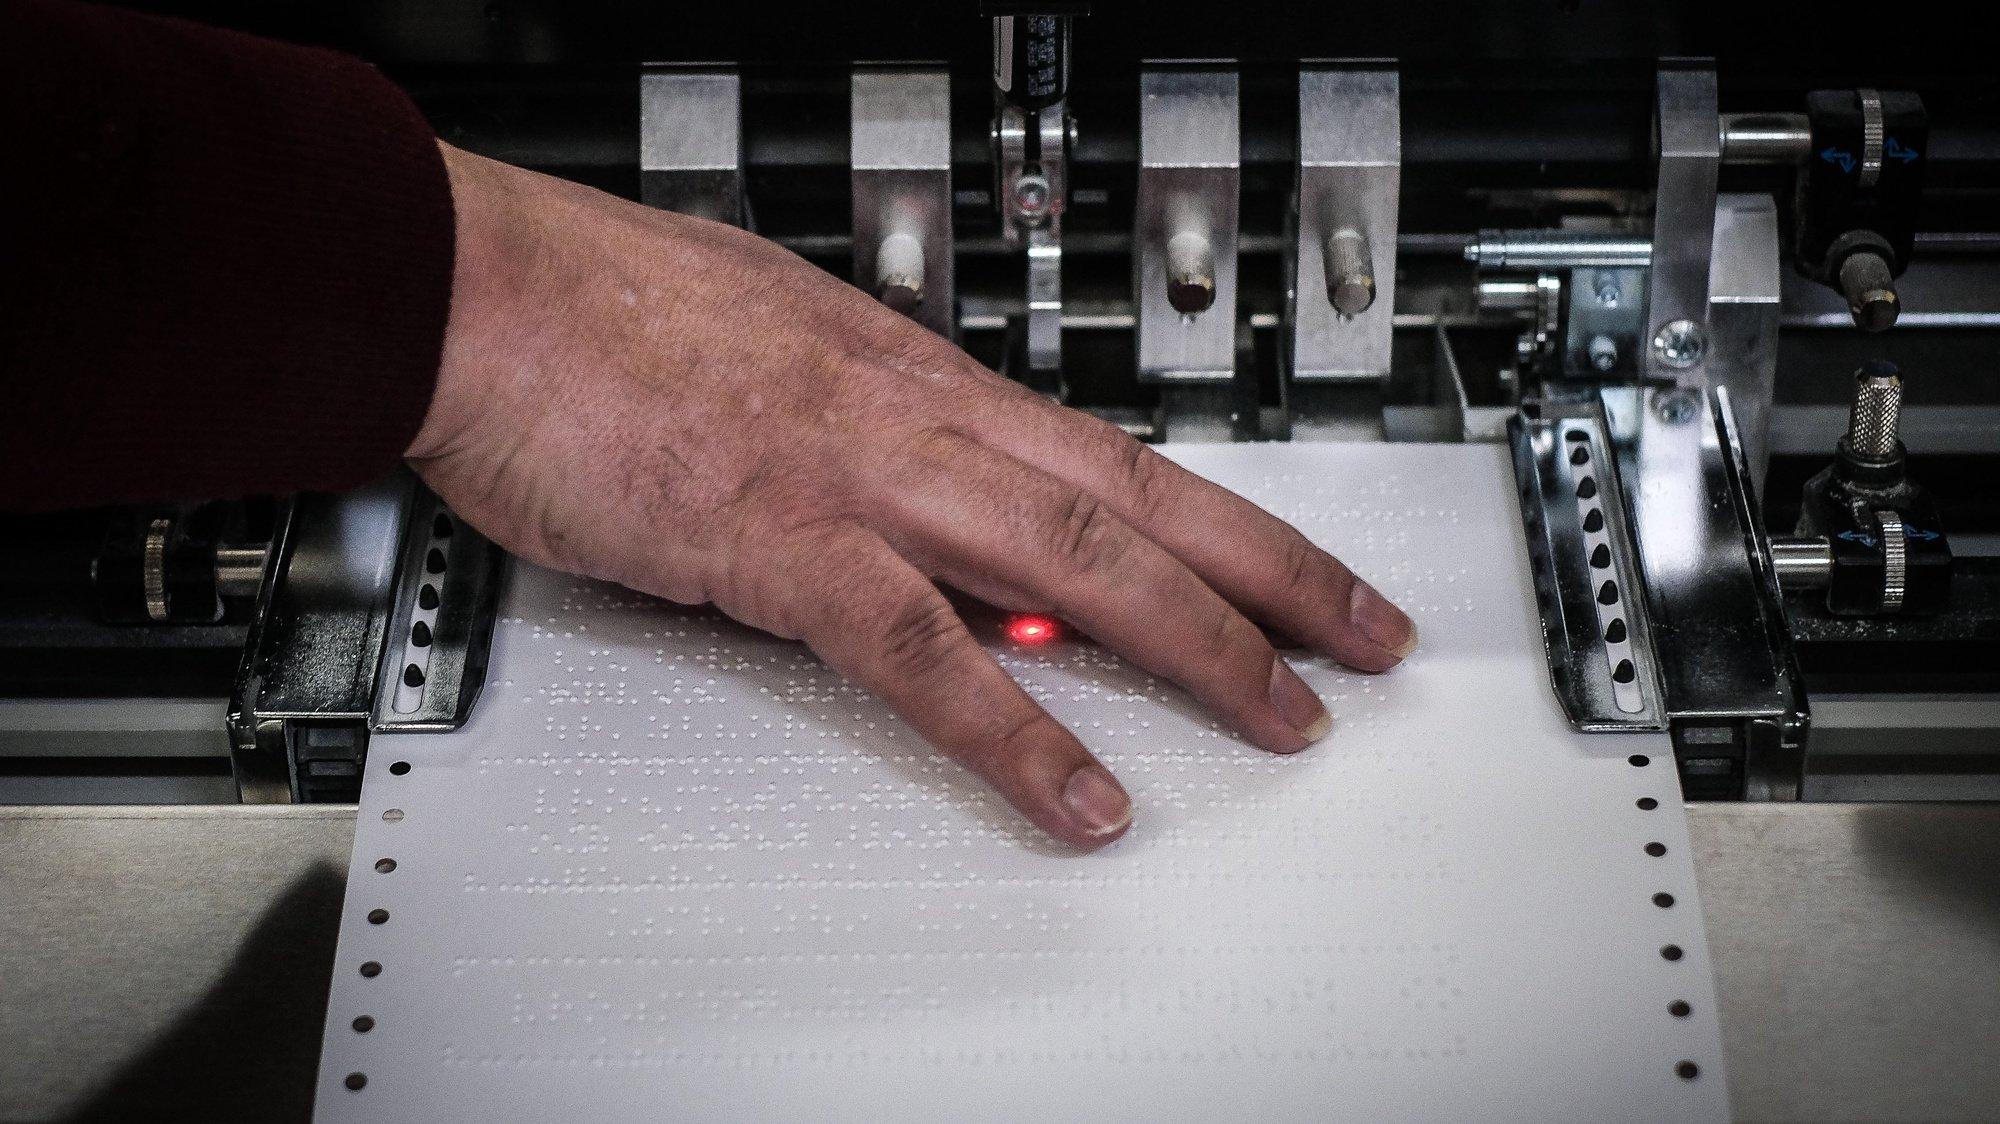 Um técnico de braille trabalha nas oficinas de braille da Associação dos Cegos e Amblíopes de Portugal (ACAPO), no dia em que se celebra o Dia Mundial do Braille, em Lisboa, 04 de janeiro de 2021. (ACOMPANHA TEXTO DA LUSA). MÁRIO CRUZ/LUSA